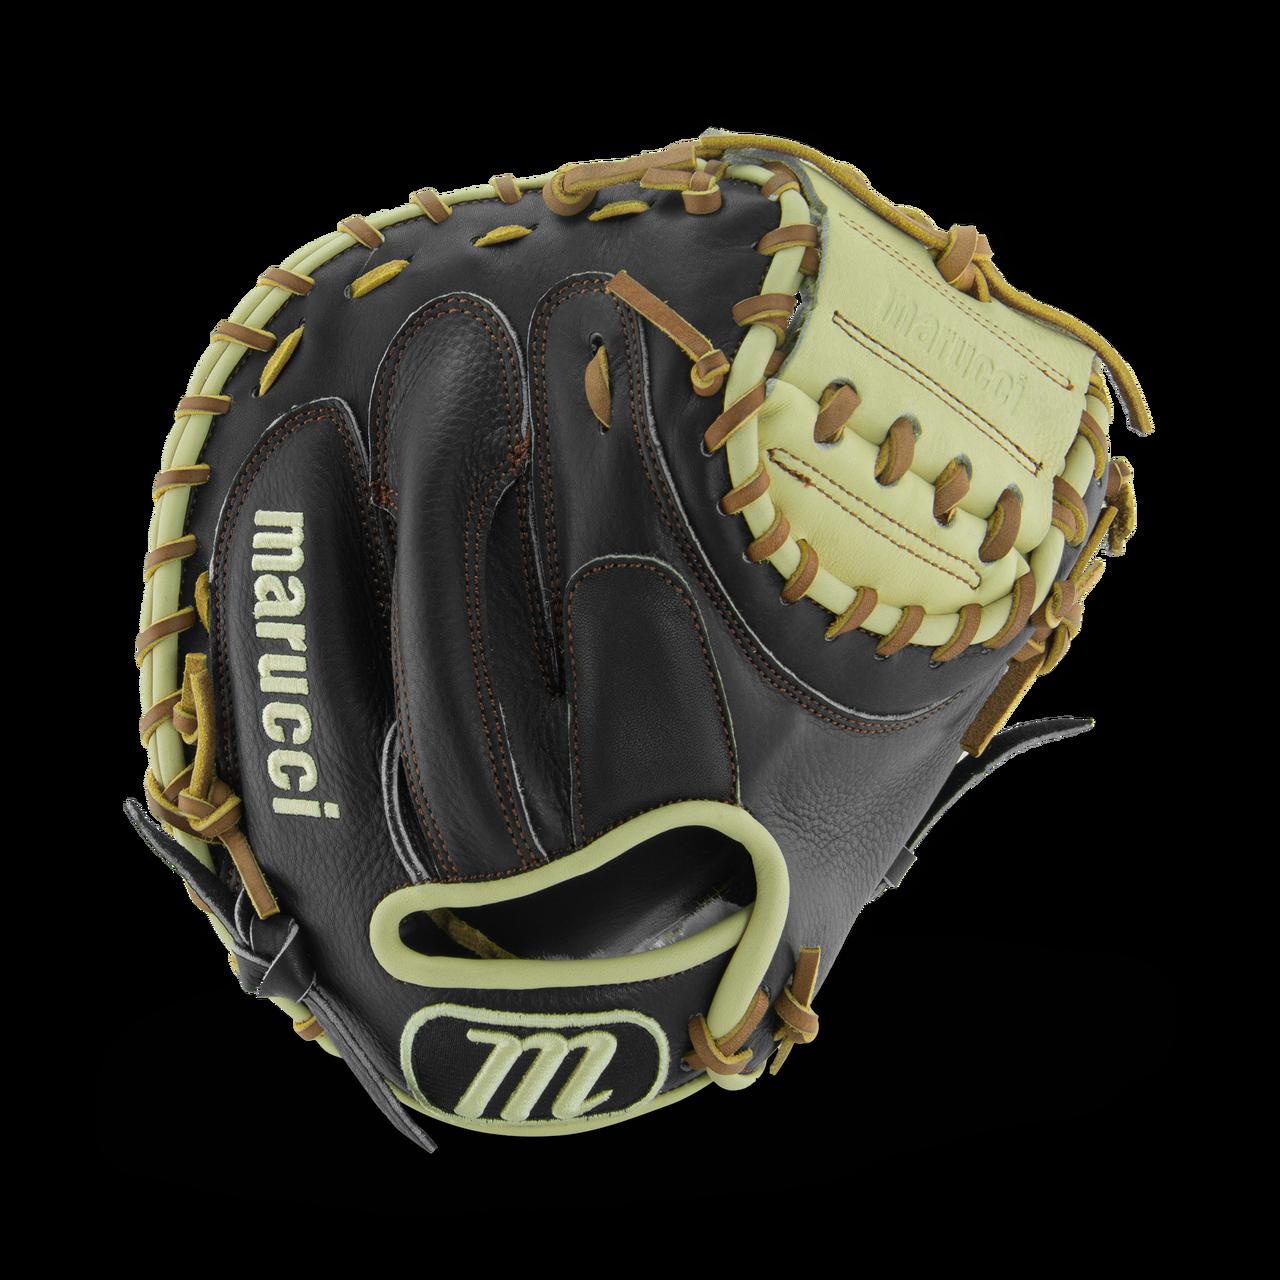 Rs225 Series 315 Catchers Mitt Marucci Sports